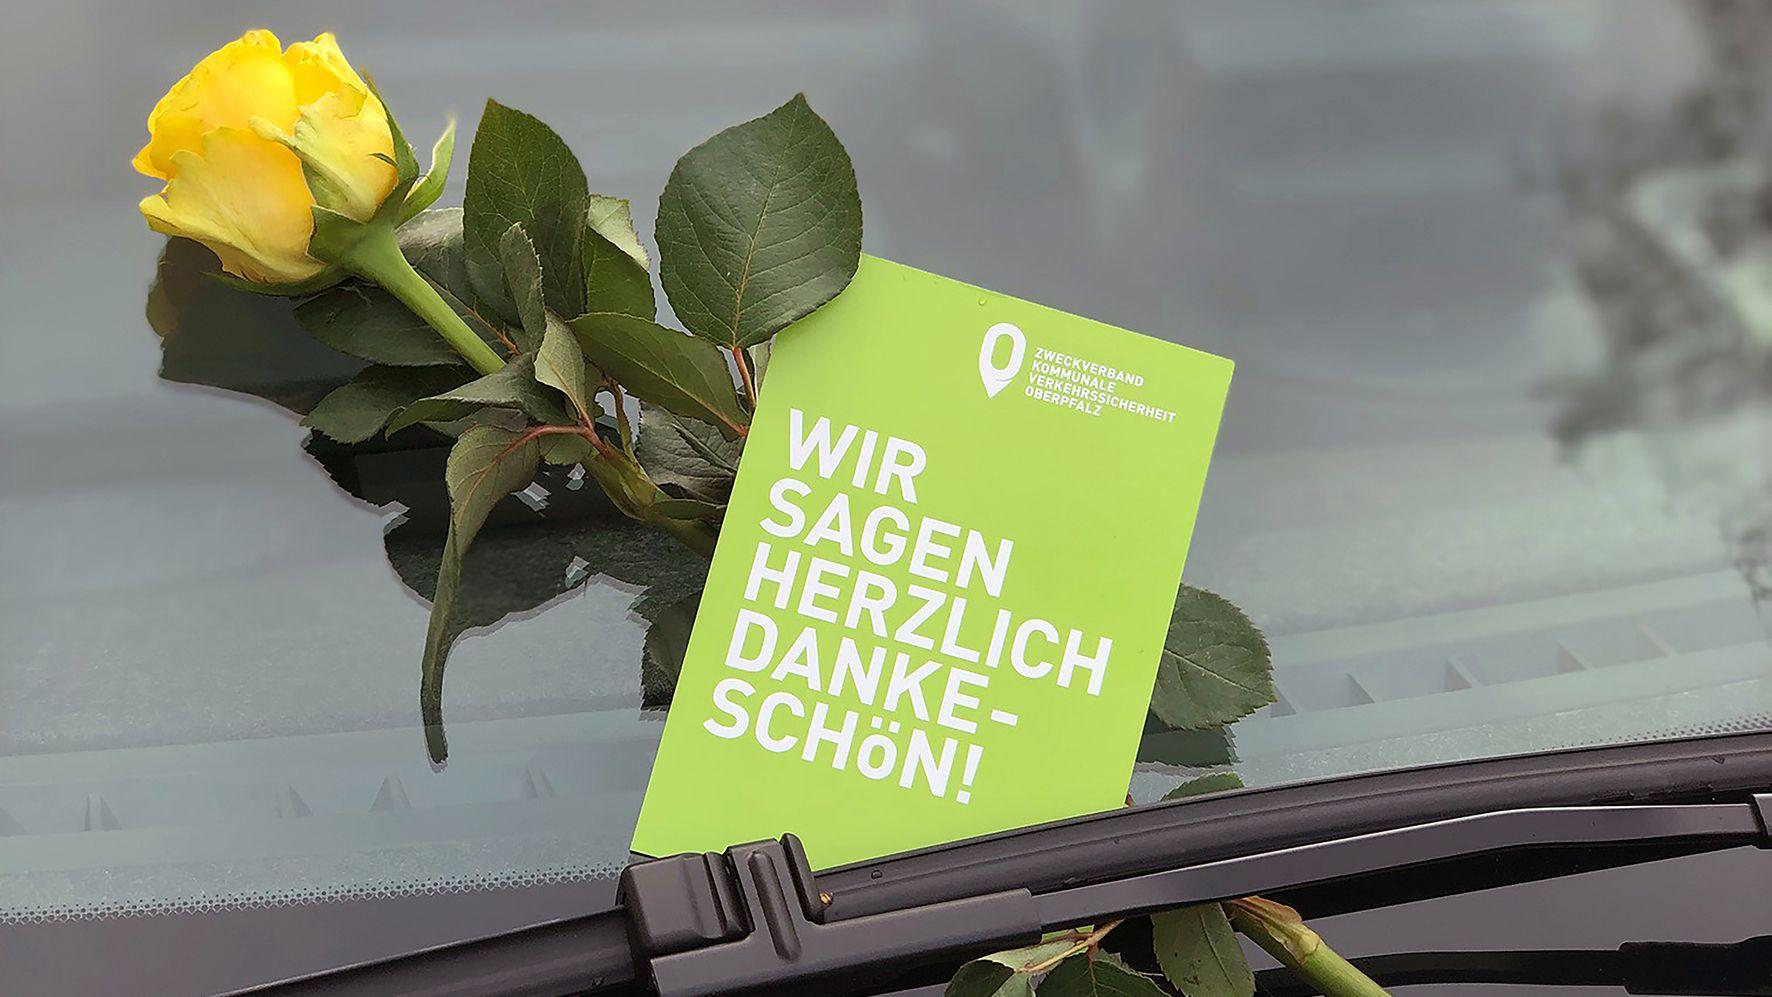 Insgesamt 6.000 gelbe Rosen sollen am Valentinstag verteilt werden, an Autofahrer, die ihr Auto korrekt abstellen.